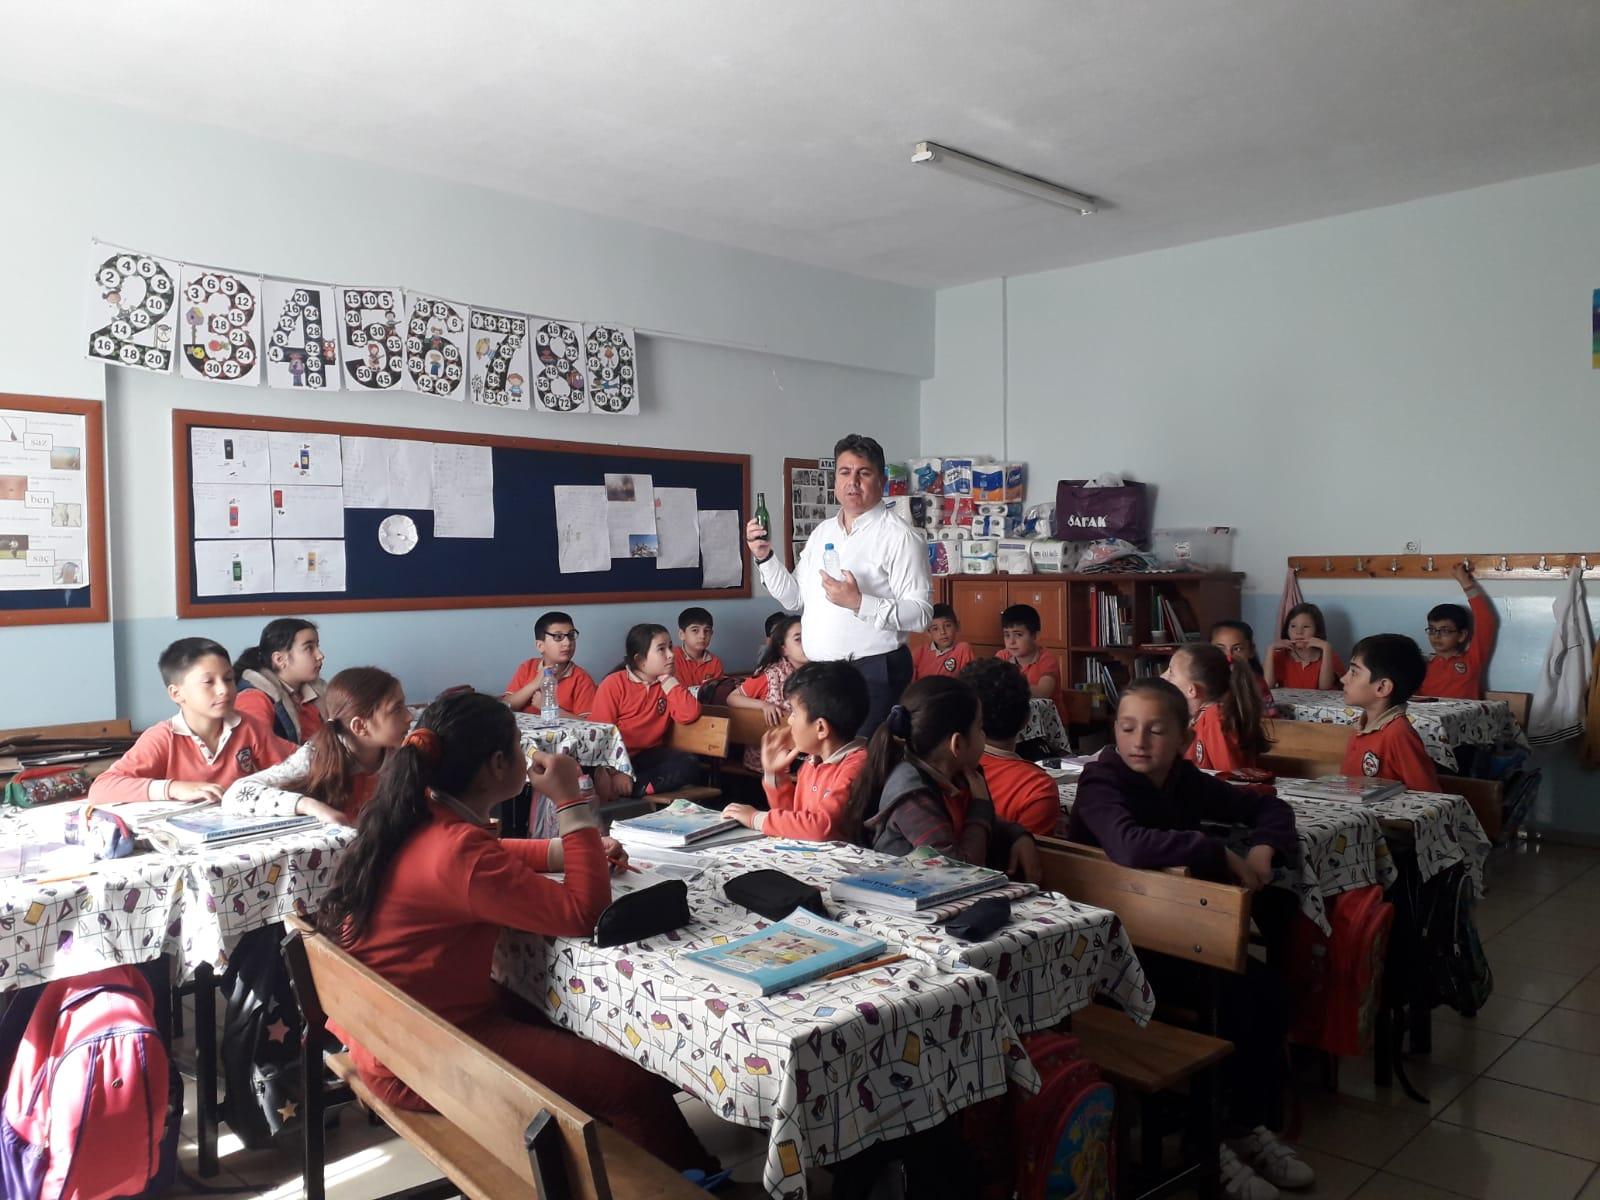 BİN 200 ÖĞRENCİYE 'SIFIR ATIK' ANLATILDI